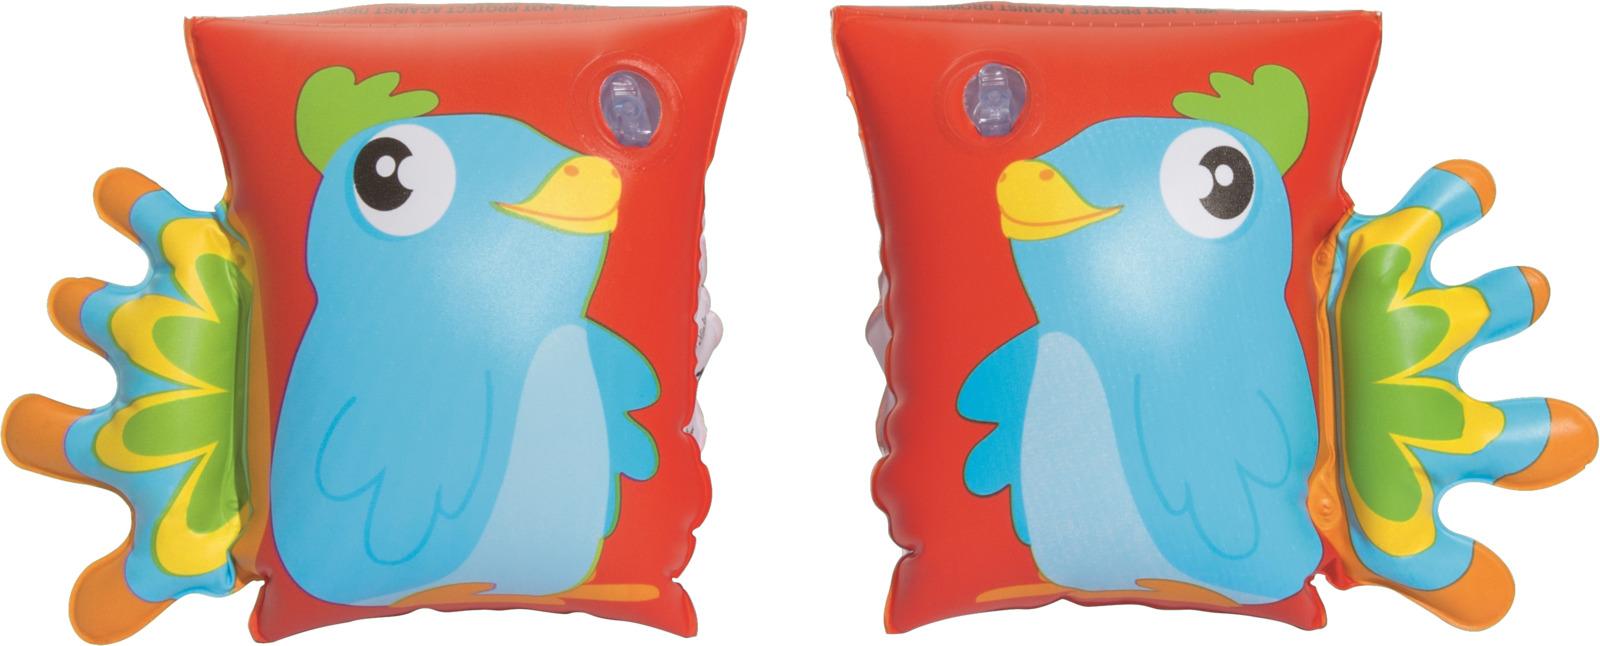 Bestway Нарукавники для плавания Попугаи цены онлайн